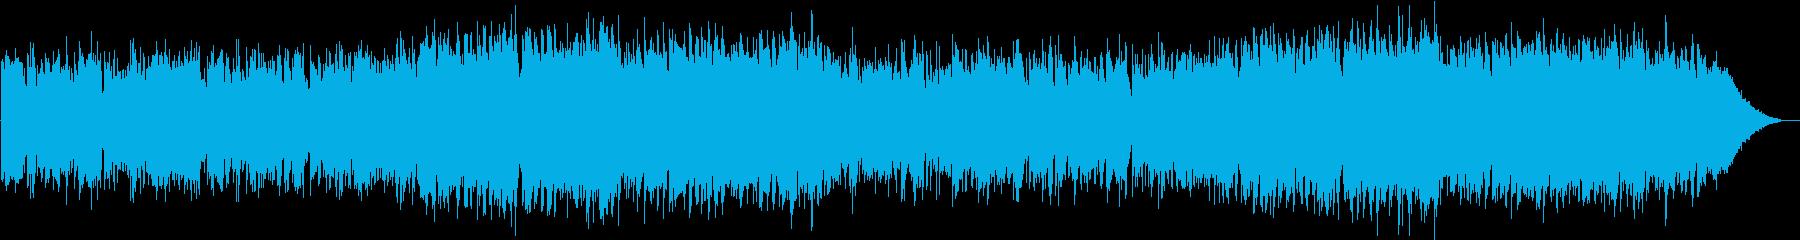 ギターとオカリナのファンタジックサウンドの再生済みの波形